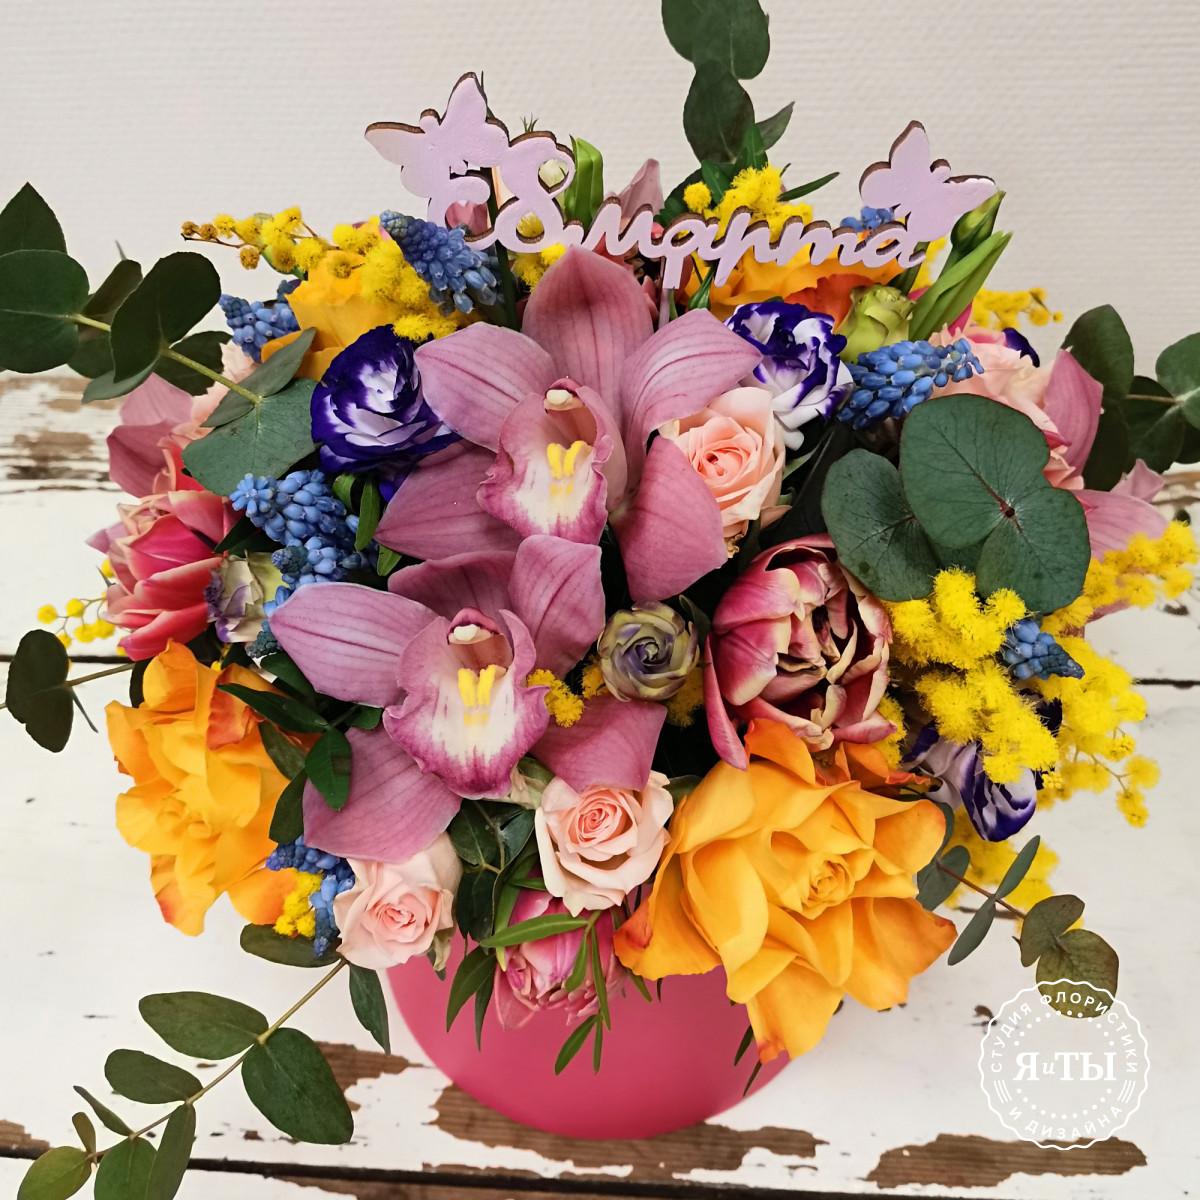 Душистая композиция с весенними цветами